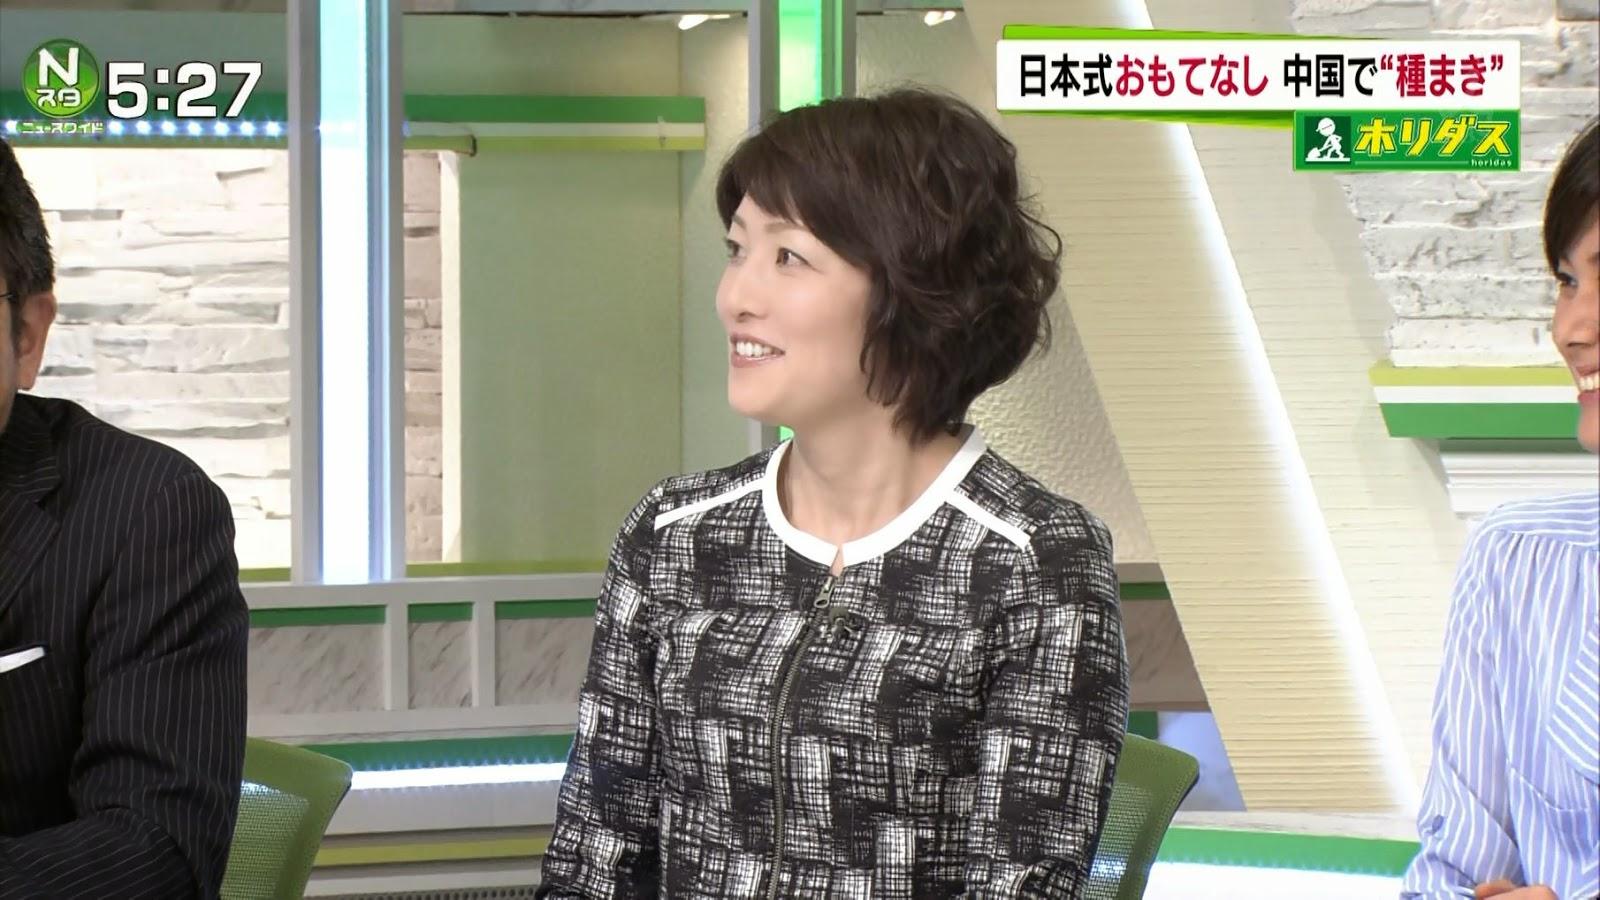 小川知子 (アナウンサー)の画像 p1_9